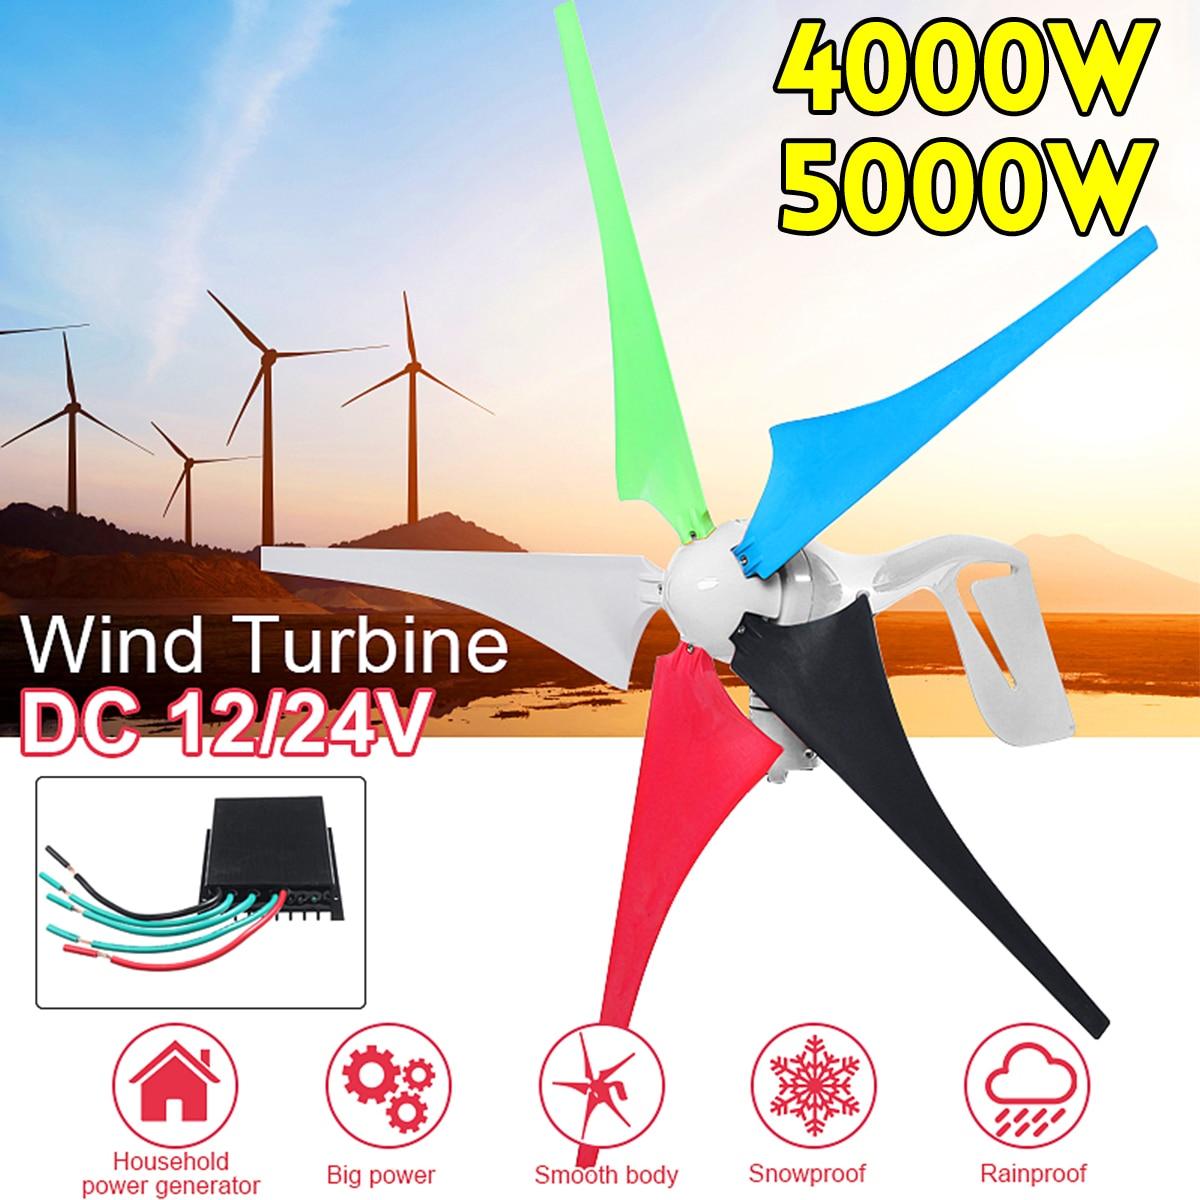 4000 W/5000 W générateur de vent 5 pales générateur 12/24V éoliennes accessoires de montage pour lampadaire domestique + contrôleur